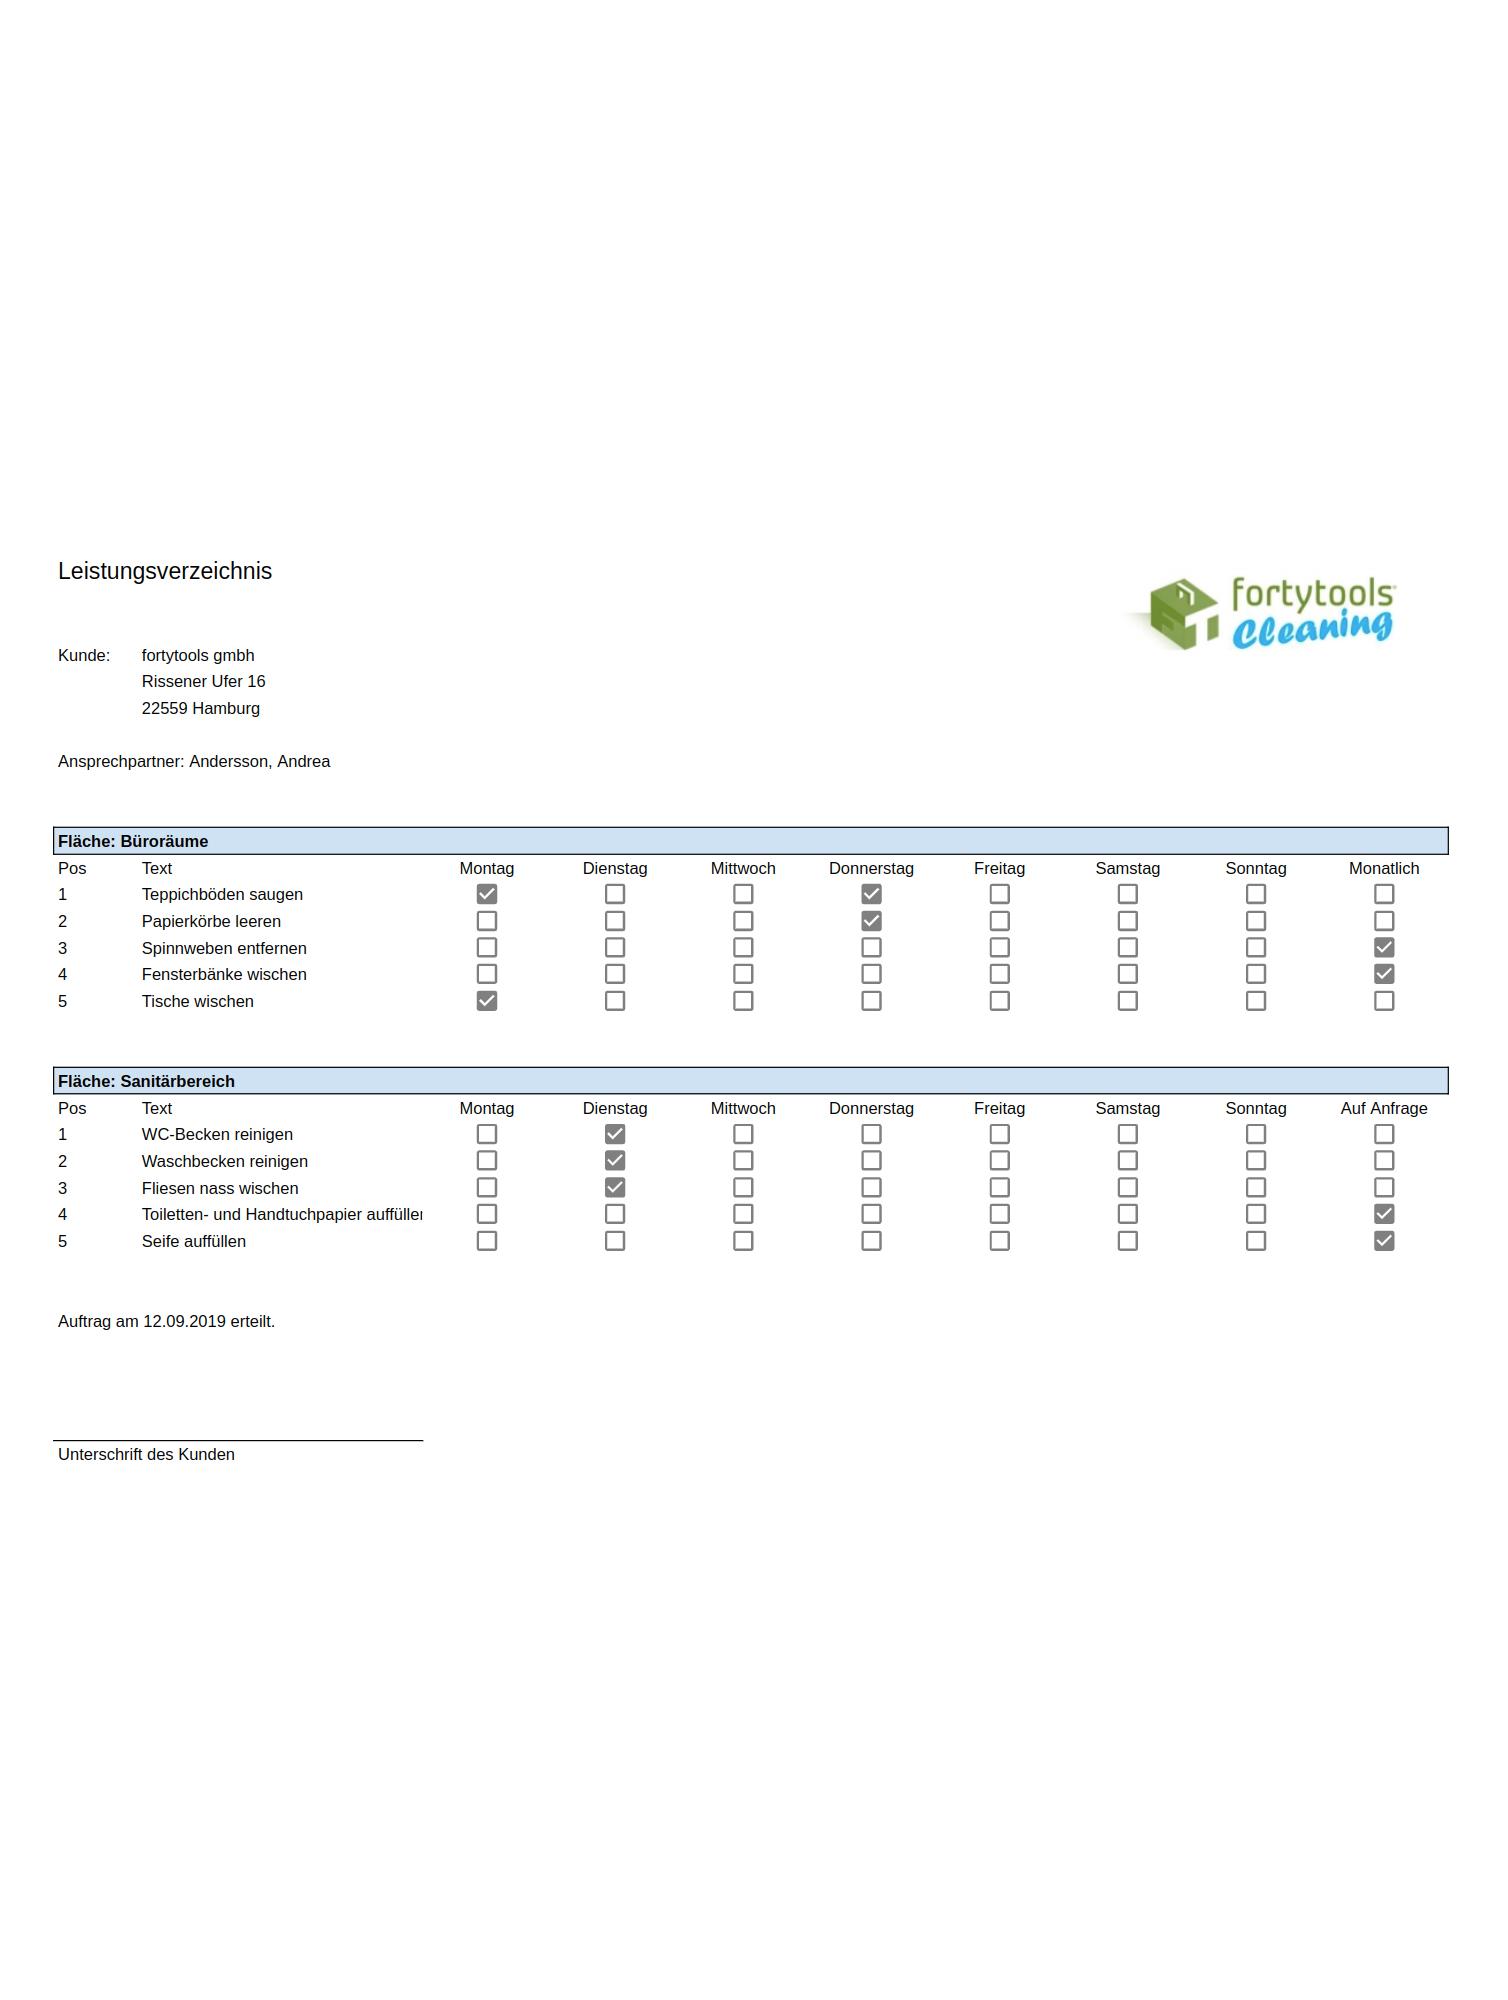 Vorlage für Leistungsverzeichnis und Muster-Leistungsverzeichnis